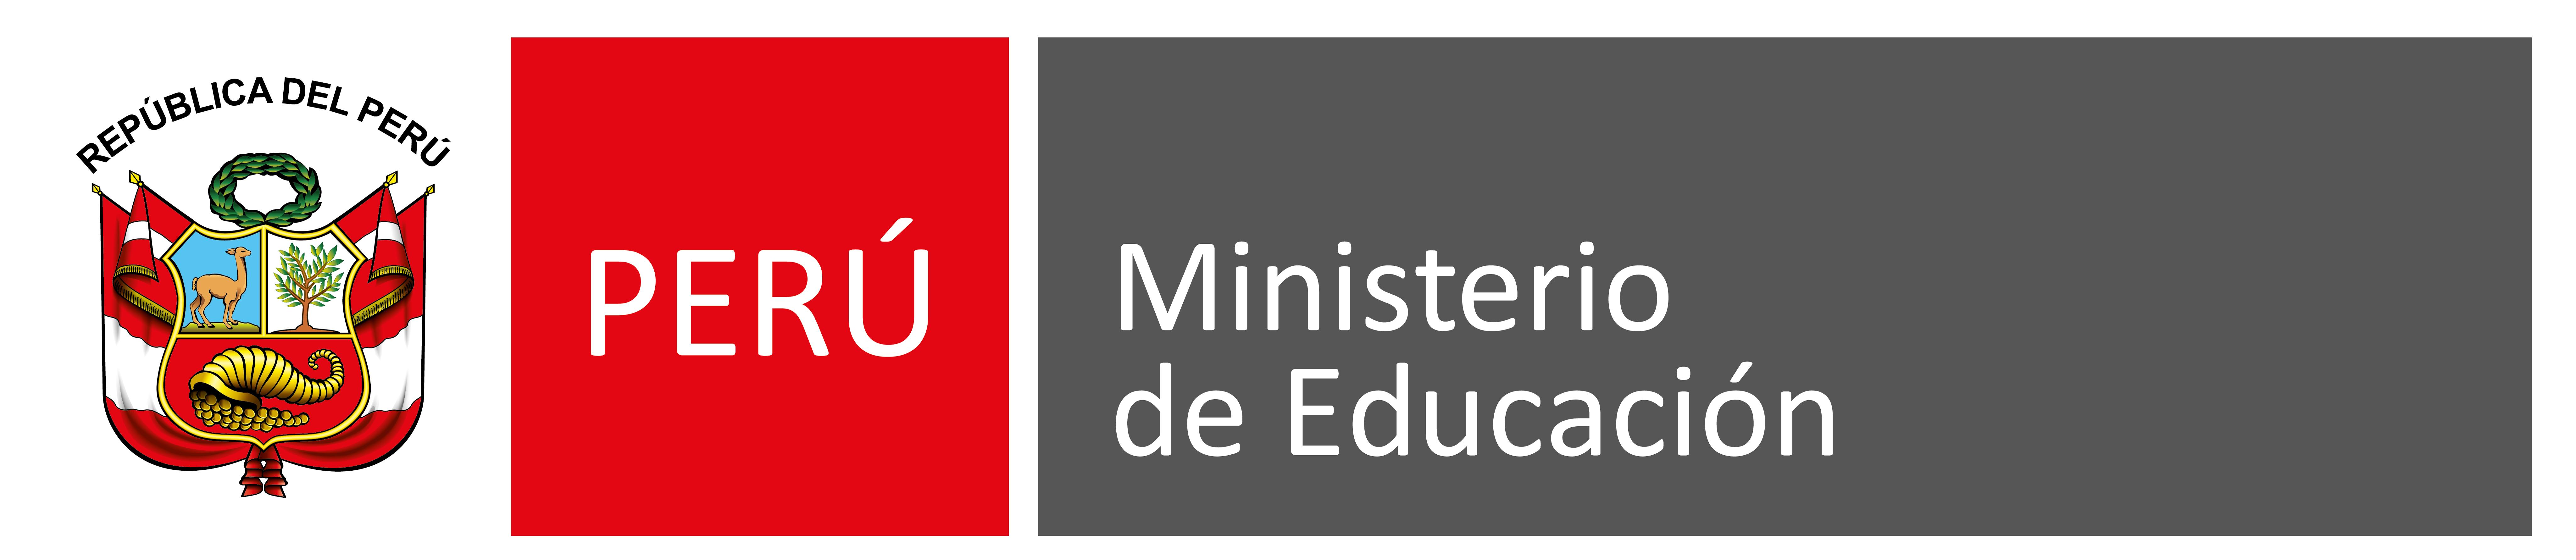 Ministerio de econom a y finanzas for Logo del ministerio de interior y justicia